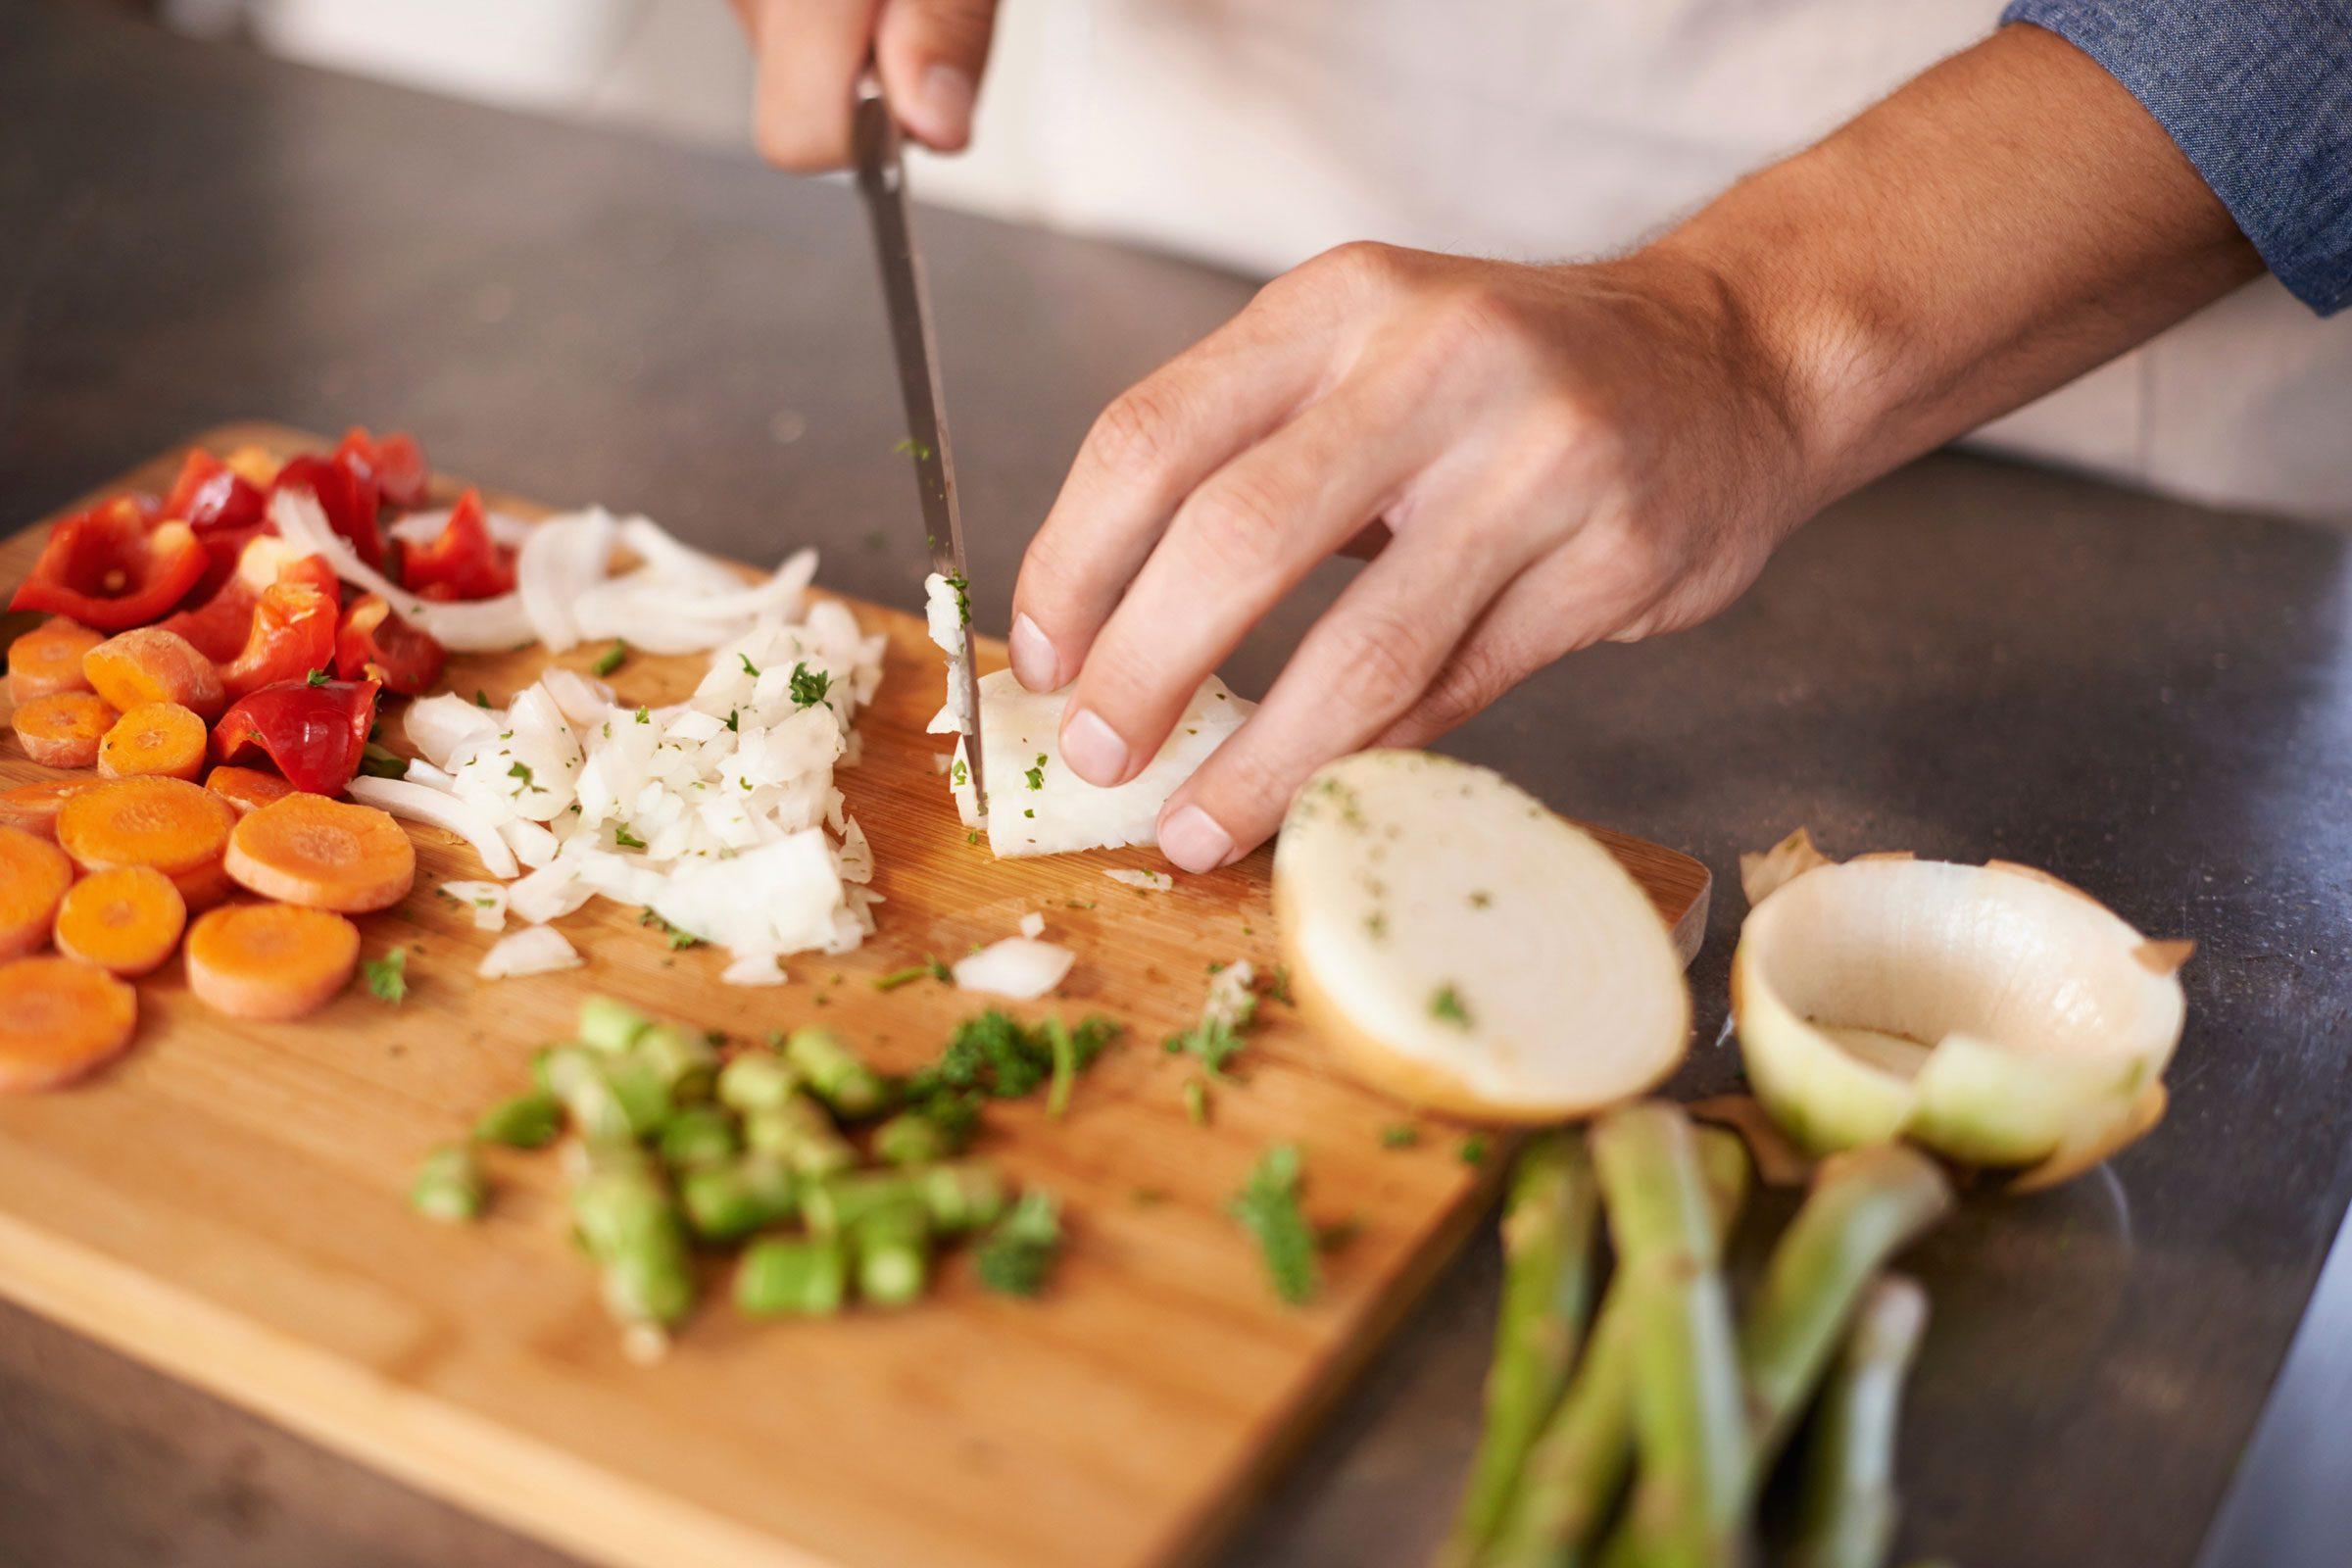 Cuisiner en grande quantité permet d'économiser de l'argent.